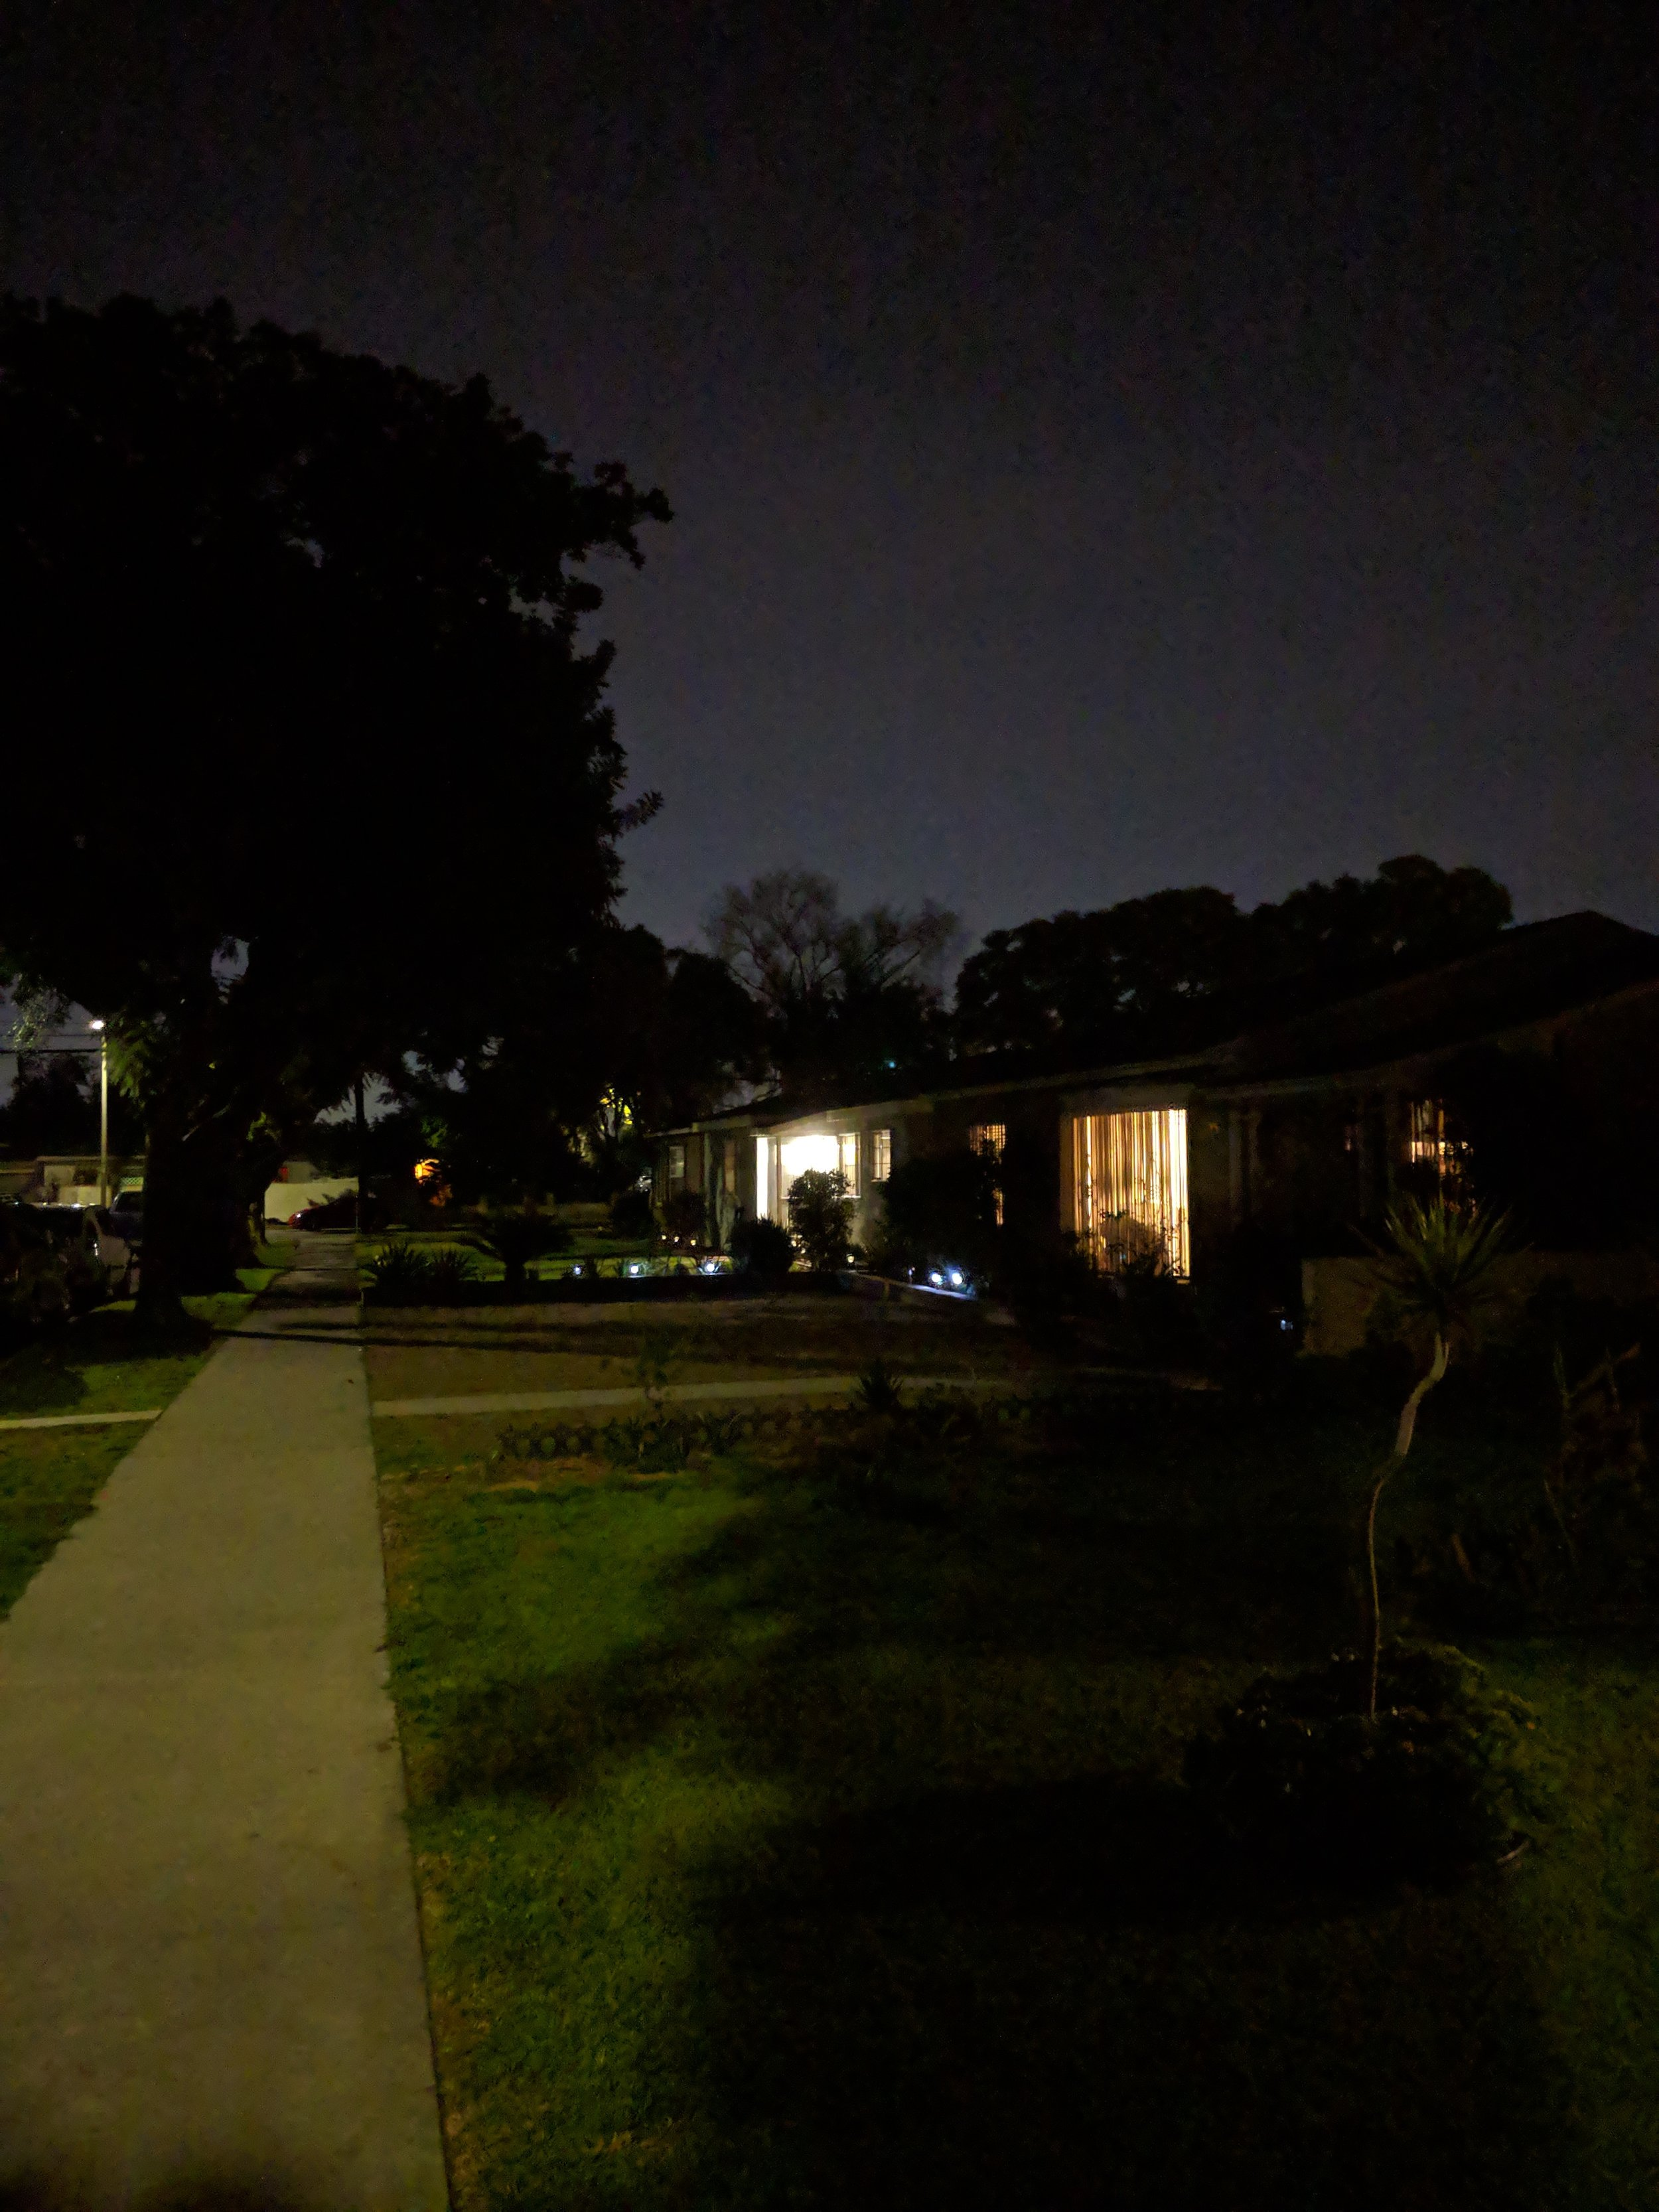 This was a regular camera shot at night.